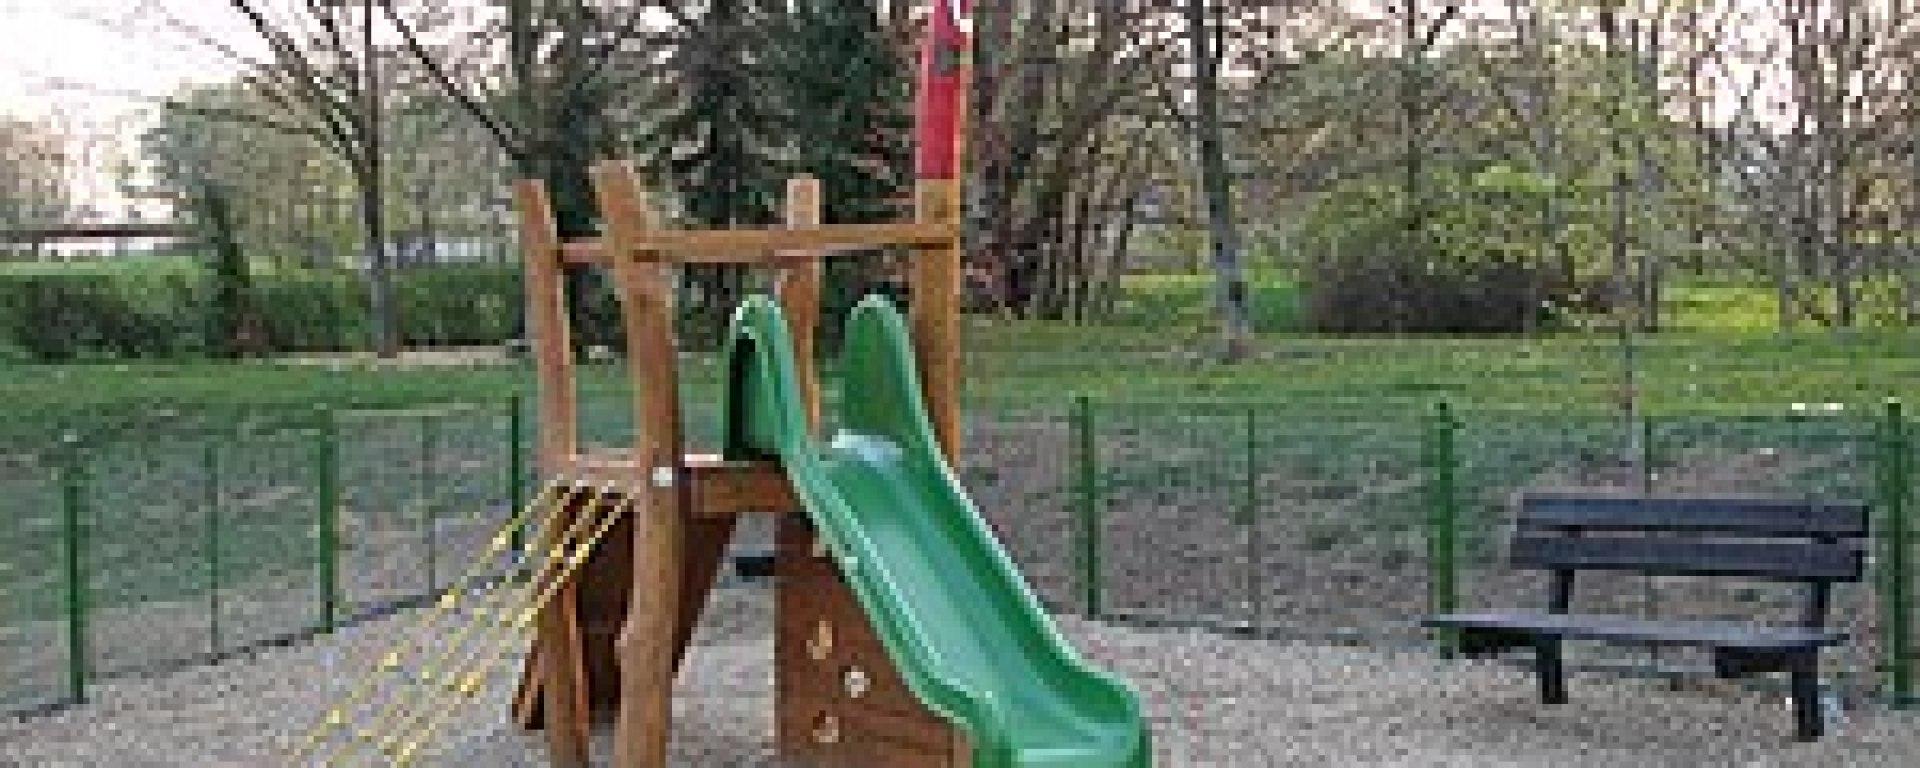 simple machine – engineering 4 kids